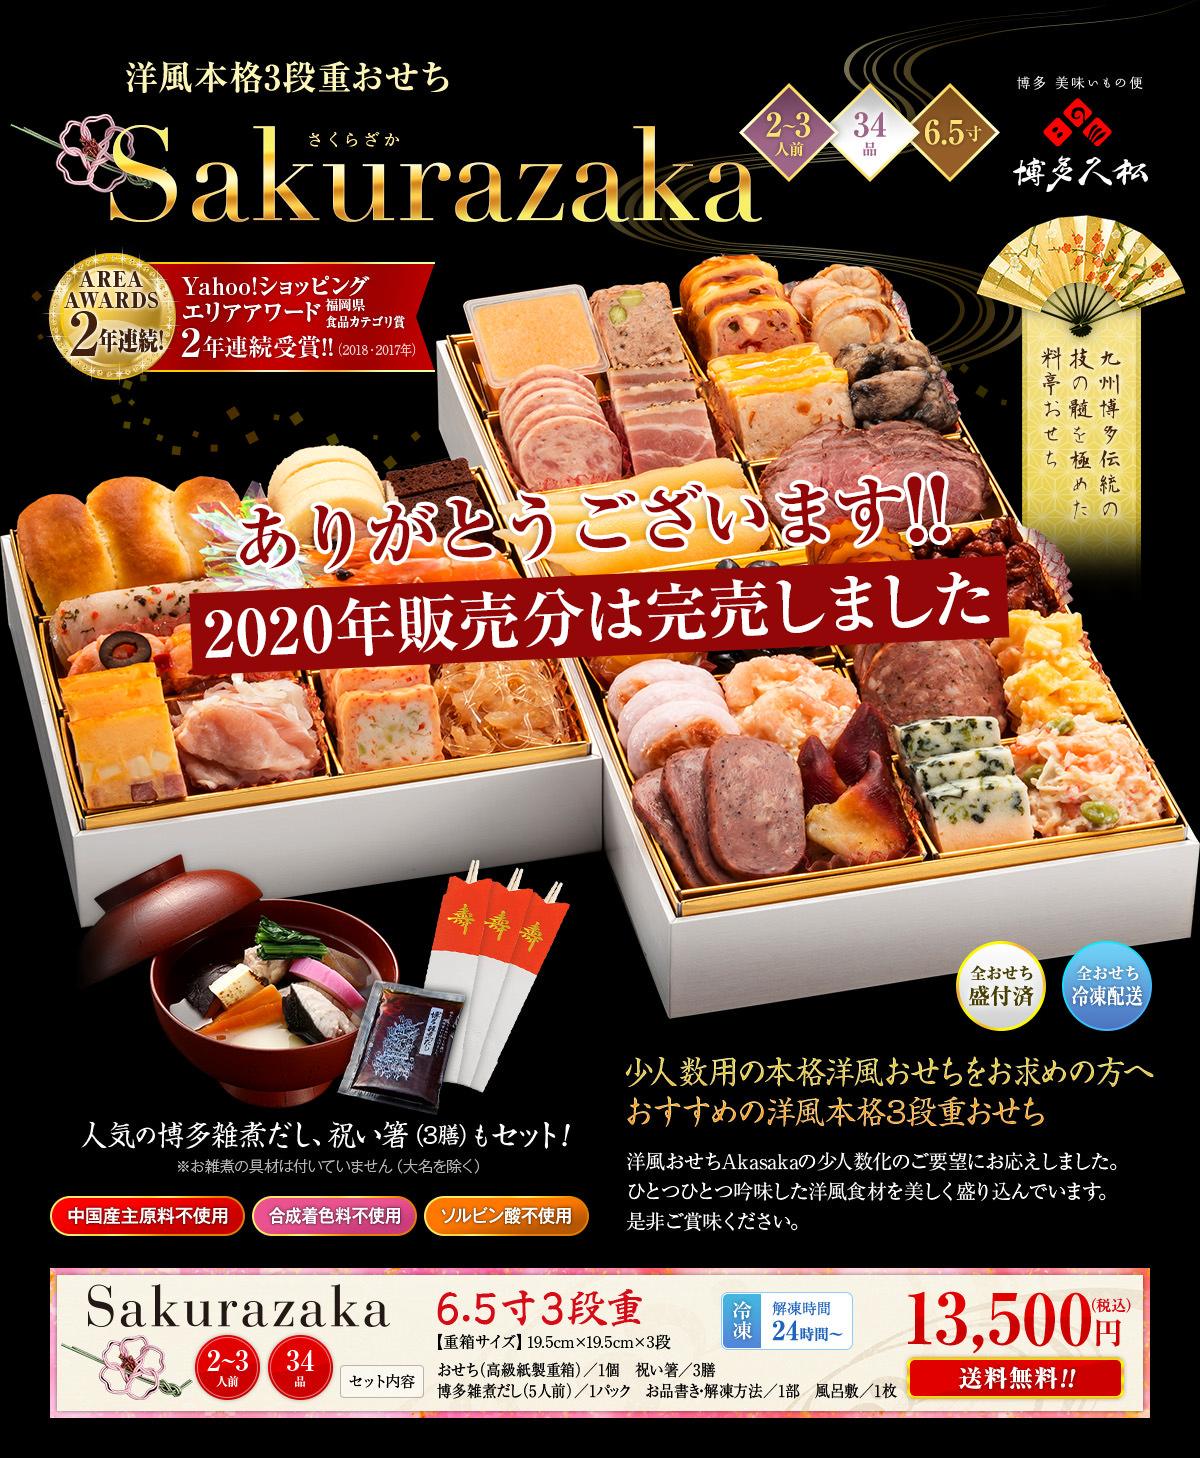 洋風本格3段重おせち Sakurazaka